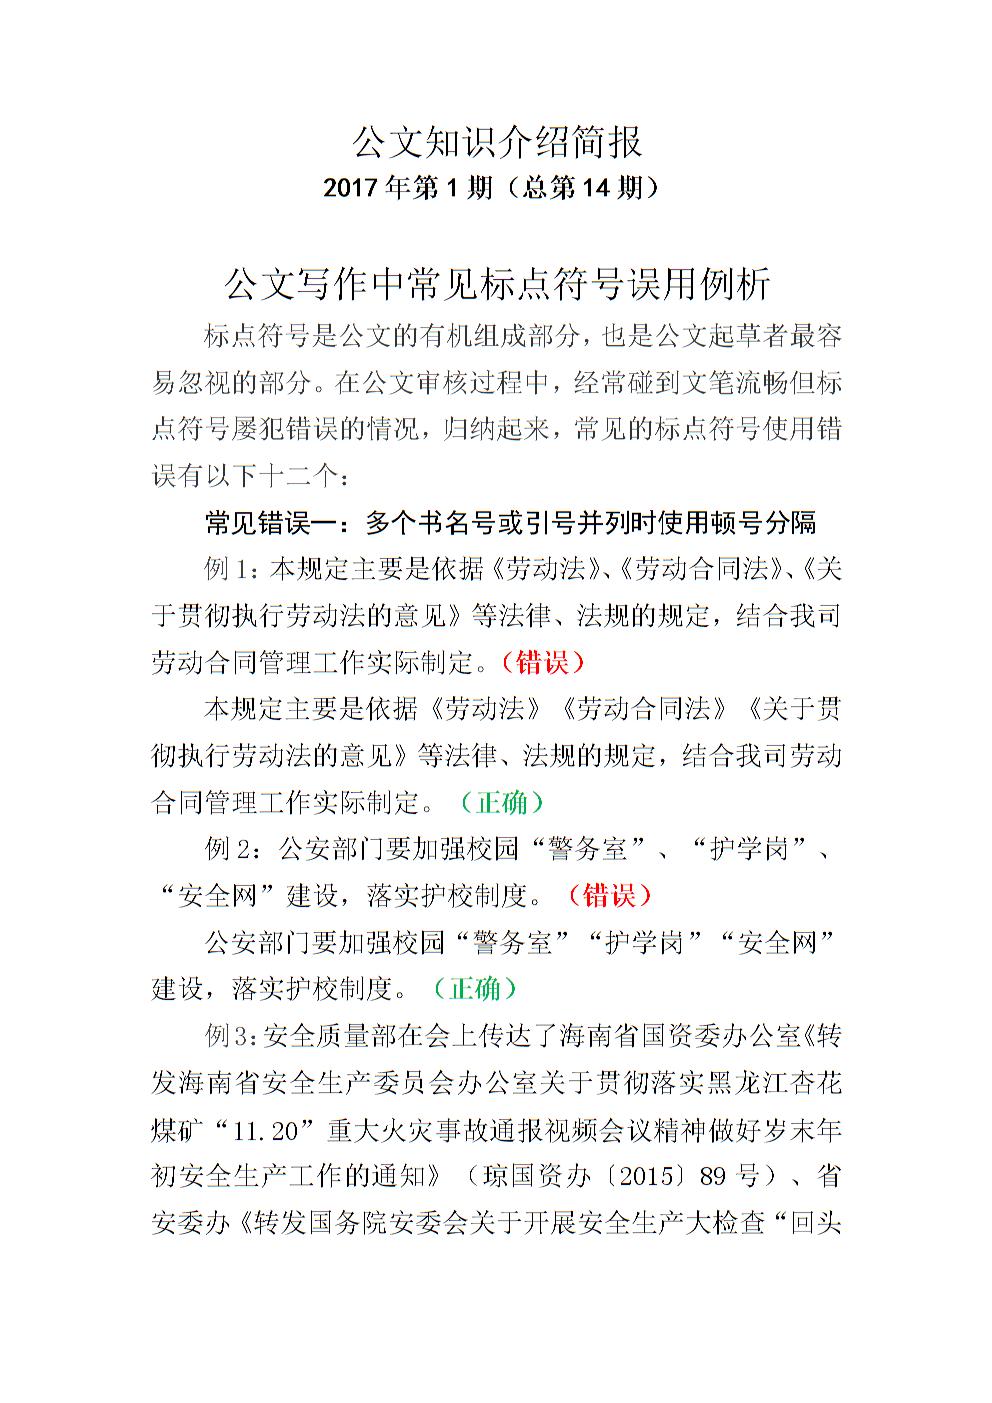 公文知识介绍简报(2017年第1期)公文写作中常见标点符号误用例析.doc